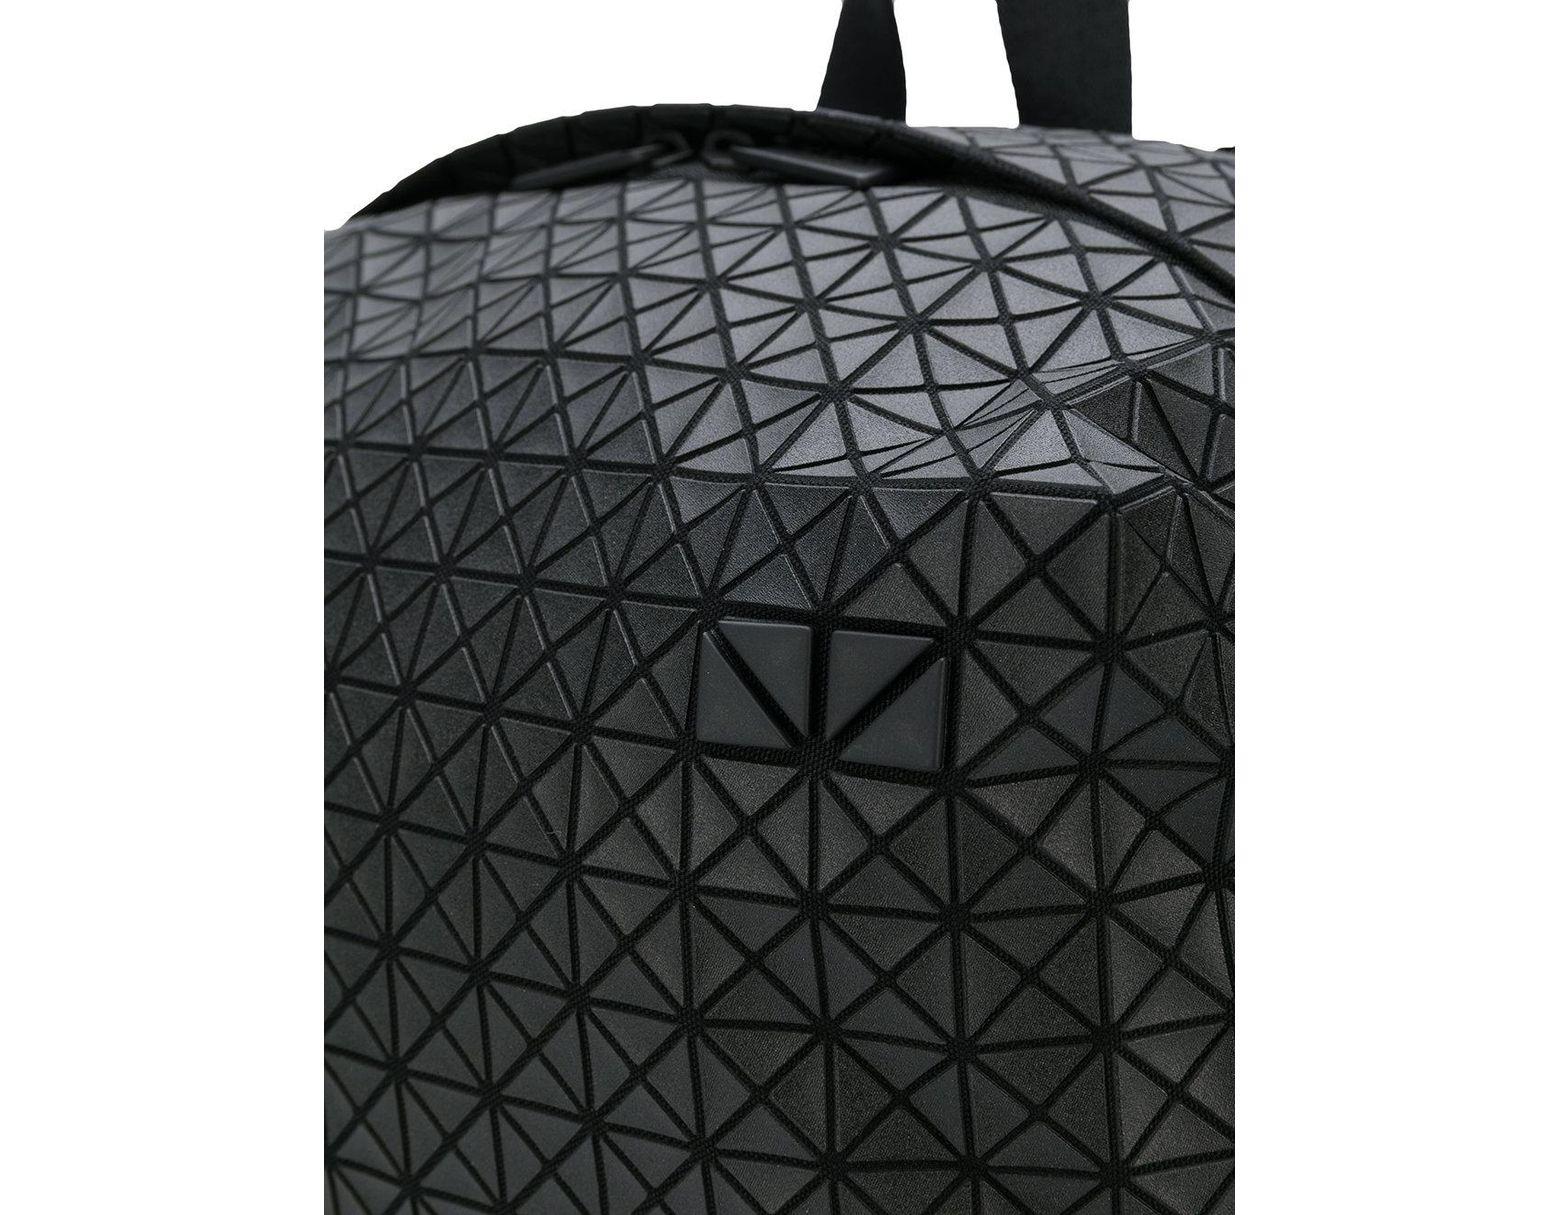 6d59752b2e4 Mochila Liner con motivo geométrico Bao Bao Issey Miyake de hombre de color  Negro - 22 % de descuento - Lyst